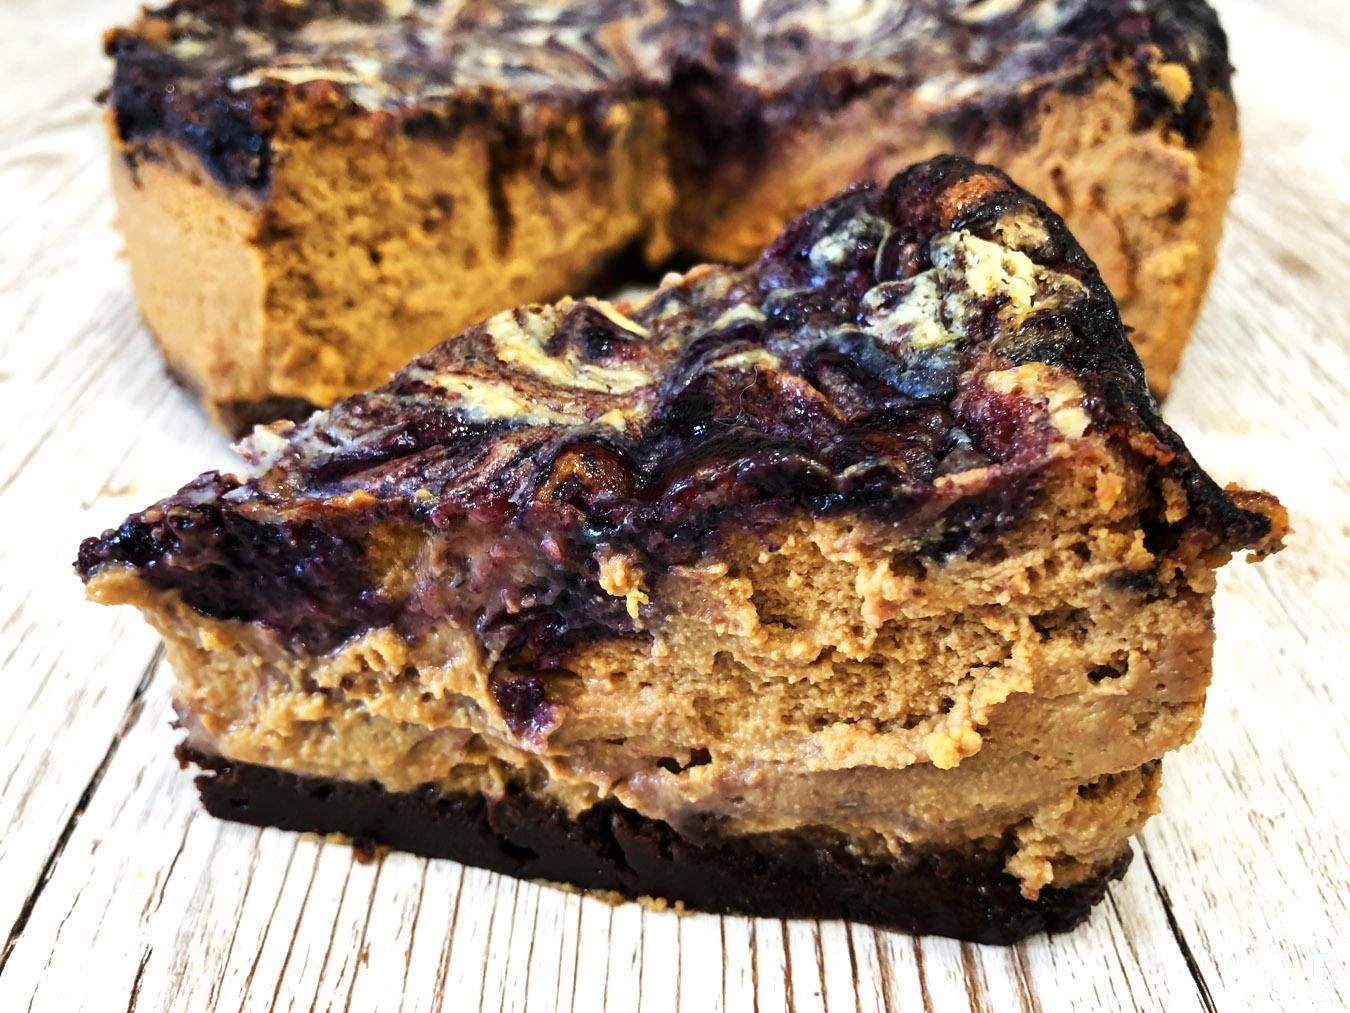 http://www.stonerchef.pl/wp-content/uploads/2018/05/serniczek-kajmakowy-z-dzemem-jagodowym-i-biala-czekolada.jpg